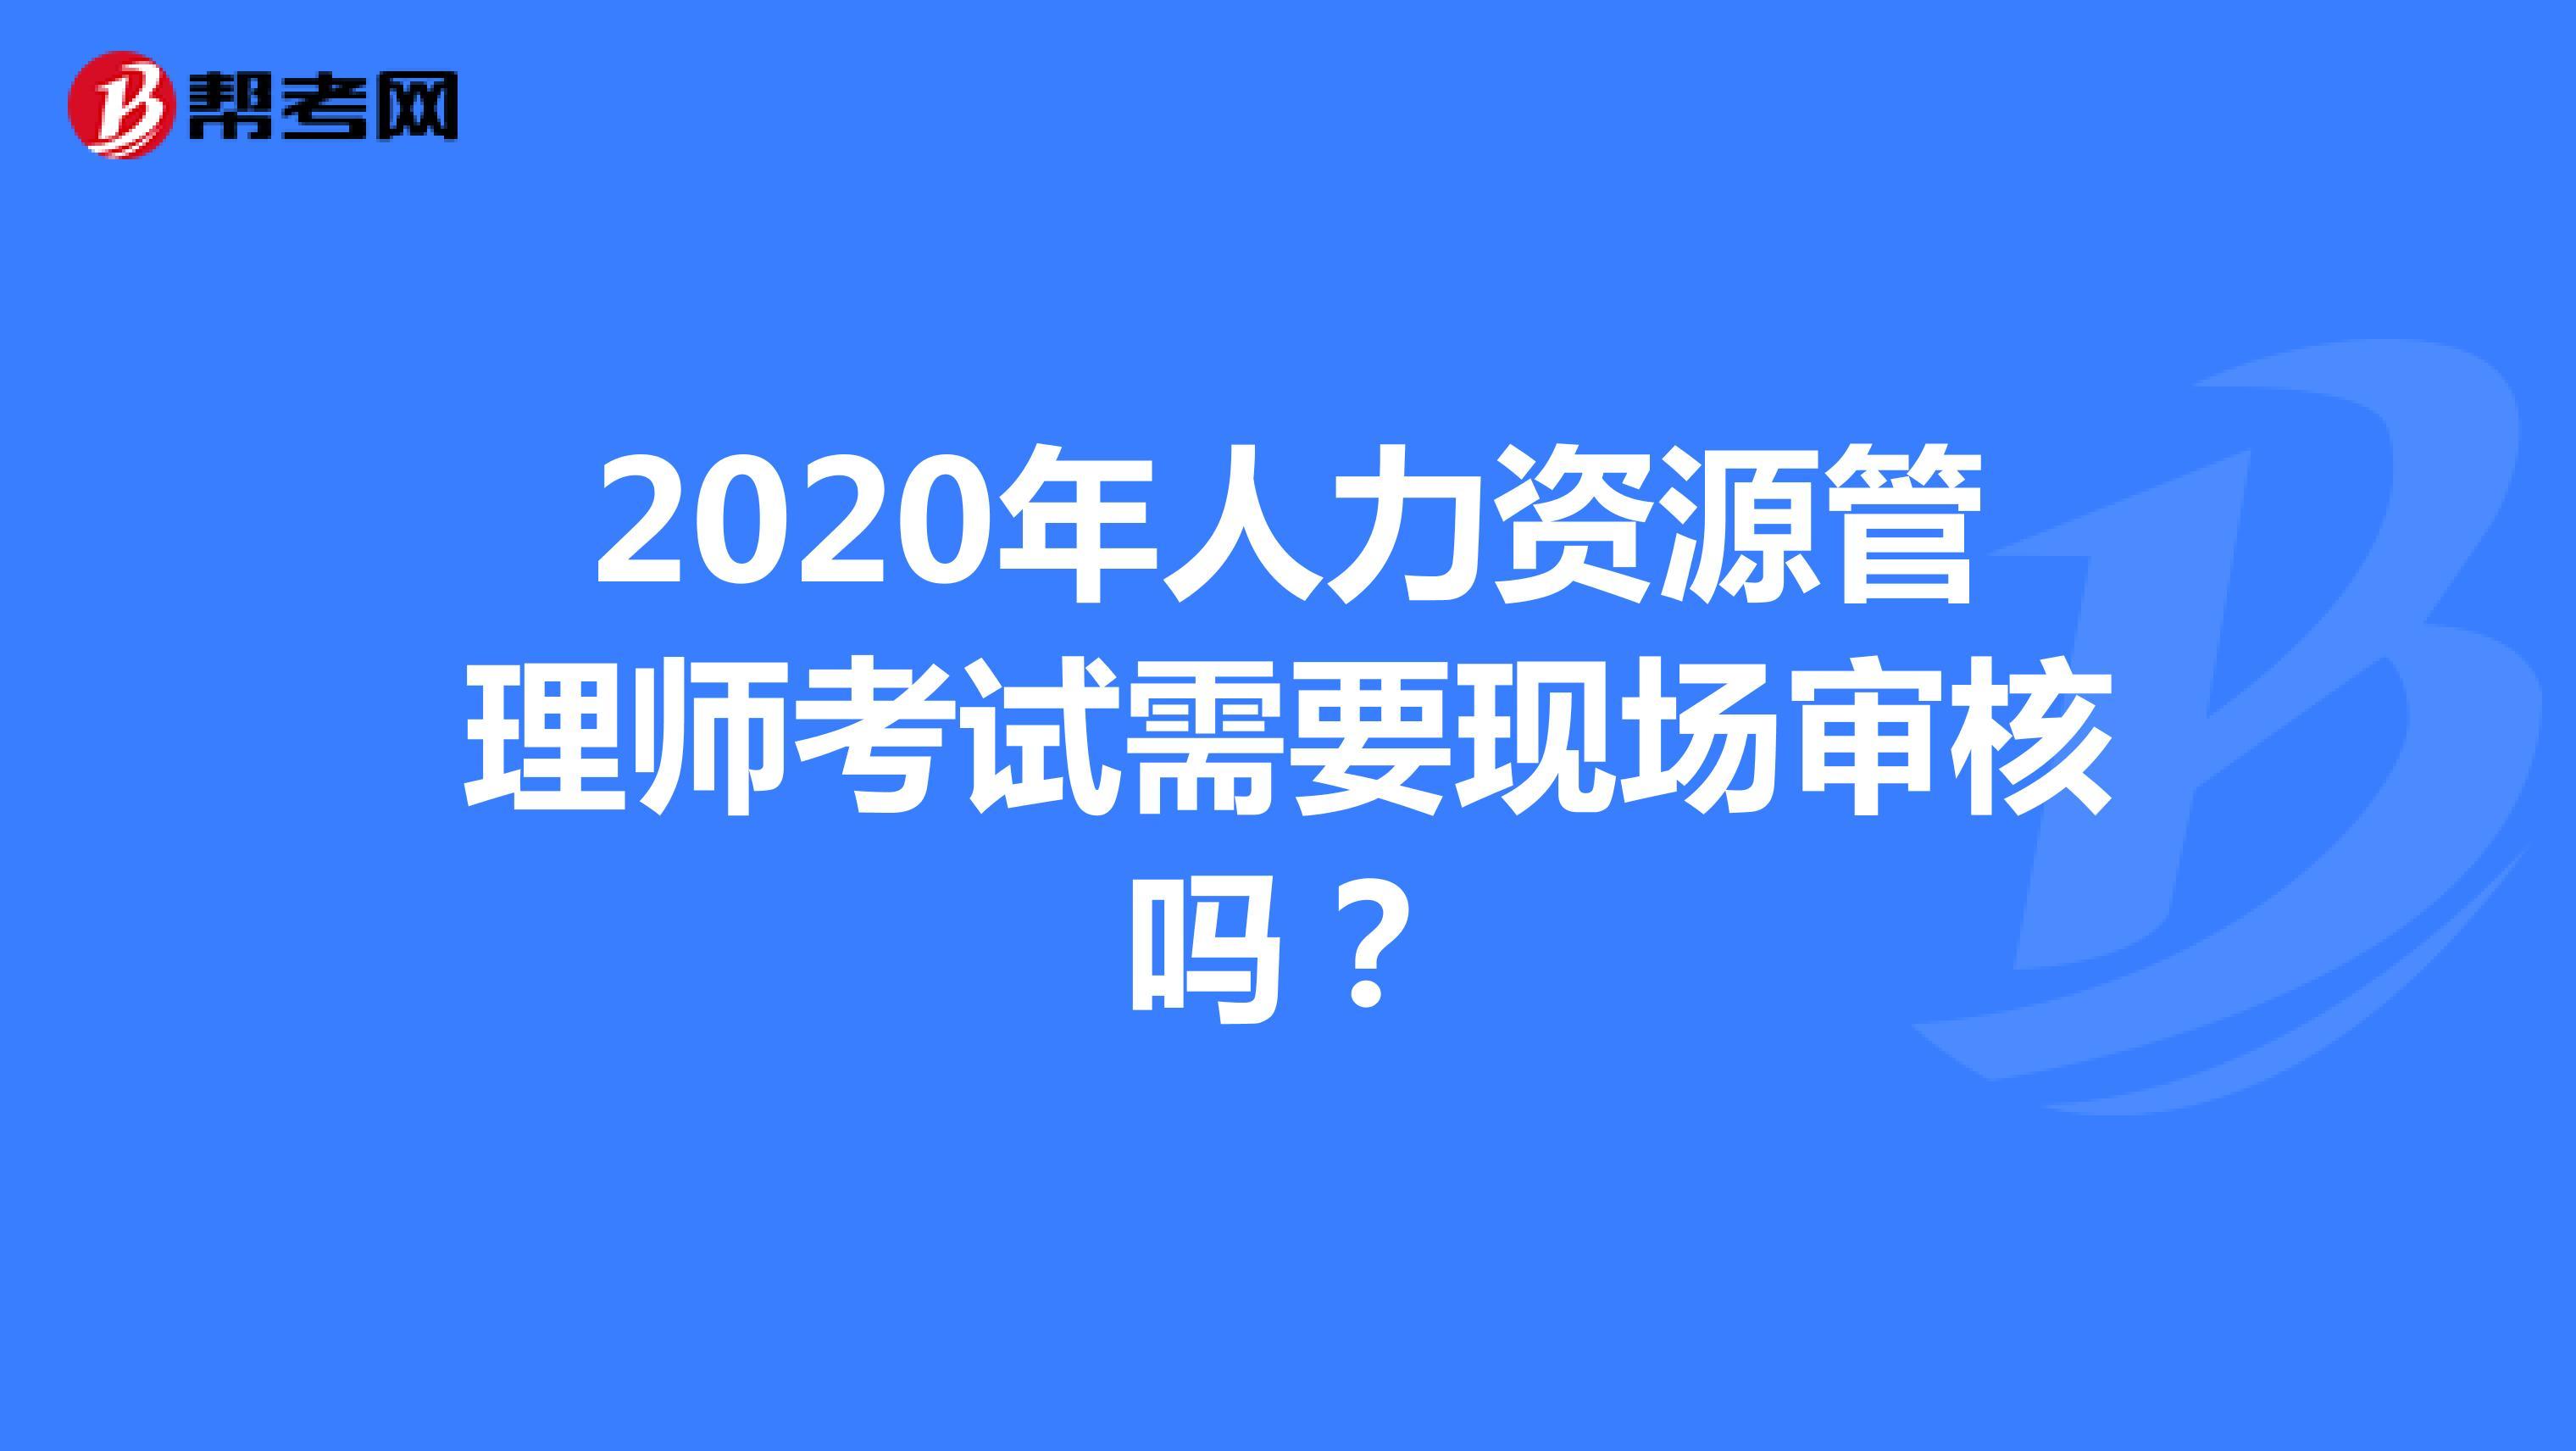 2020年人力资源管理师考试需要现场审核吗?